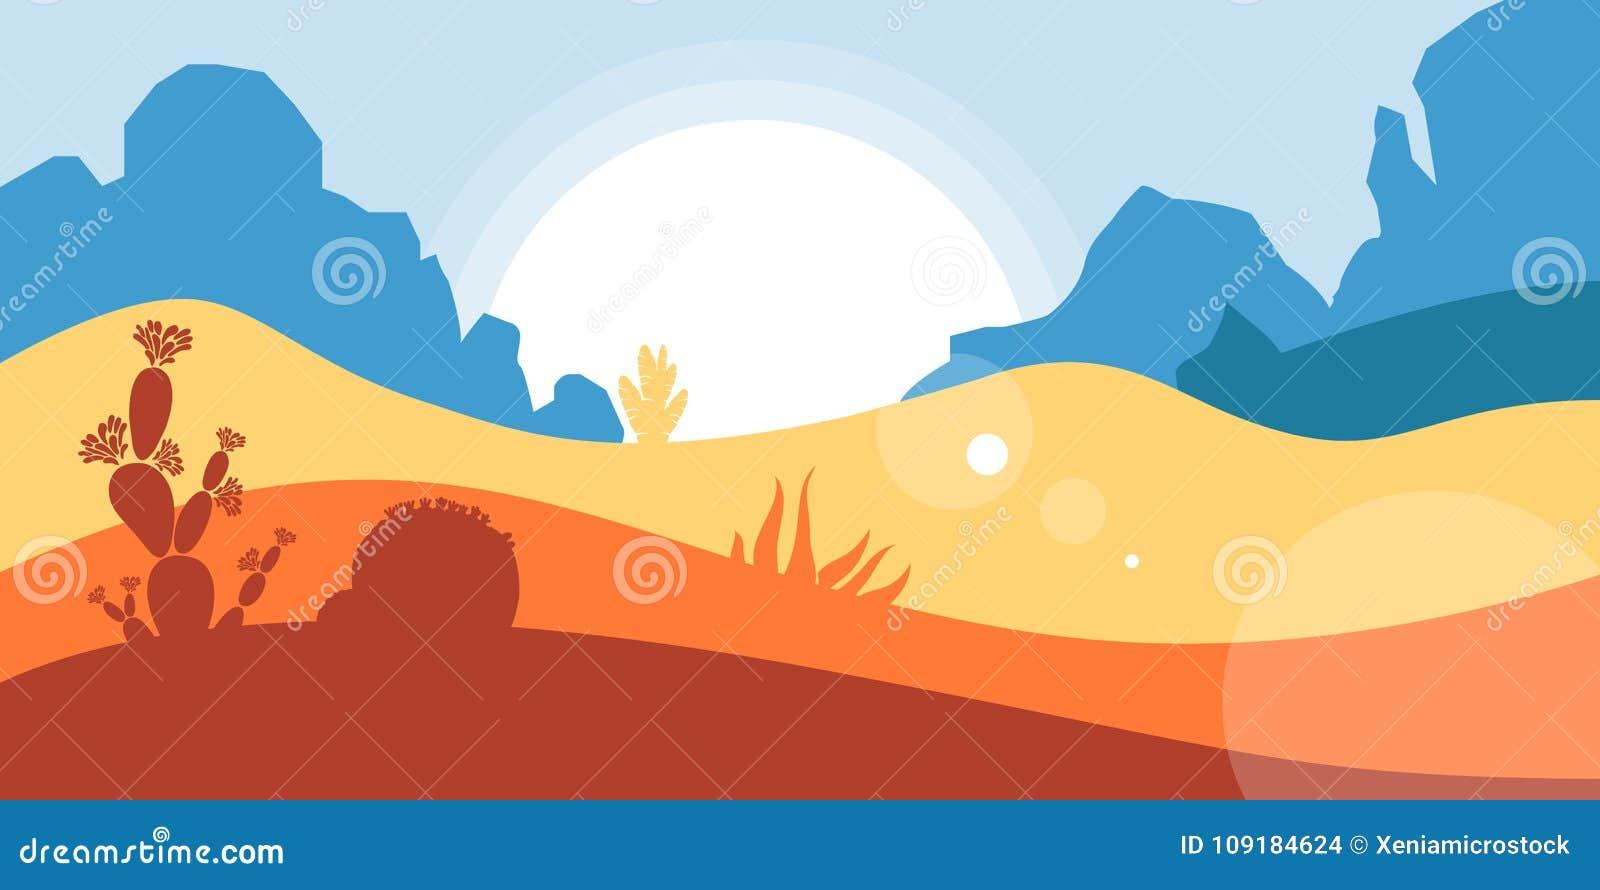 Het landschap van de Amerikaanse woestijn met bergen en canions, cactussen en succulents Behoud van het milieu, ecologie, t